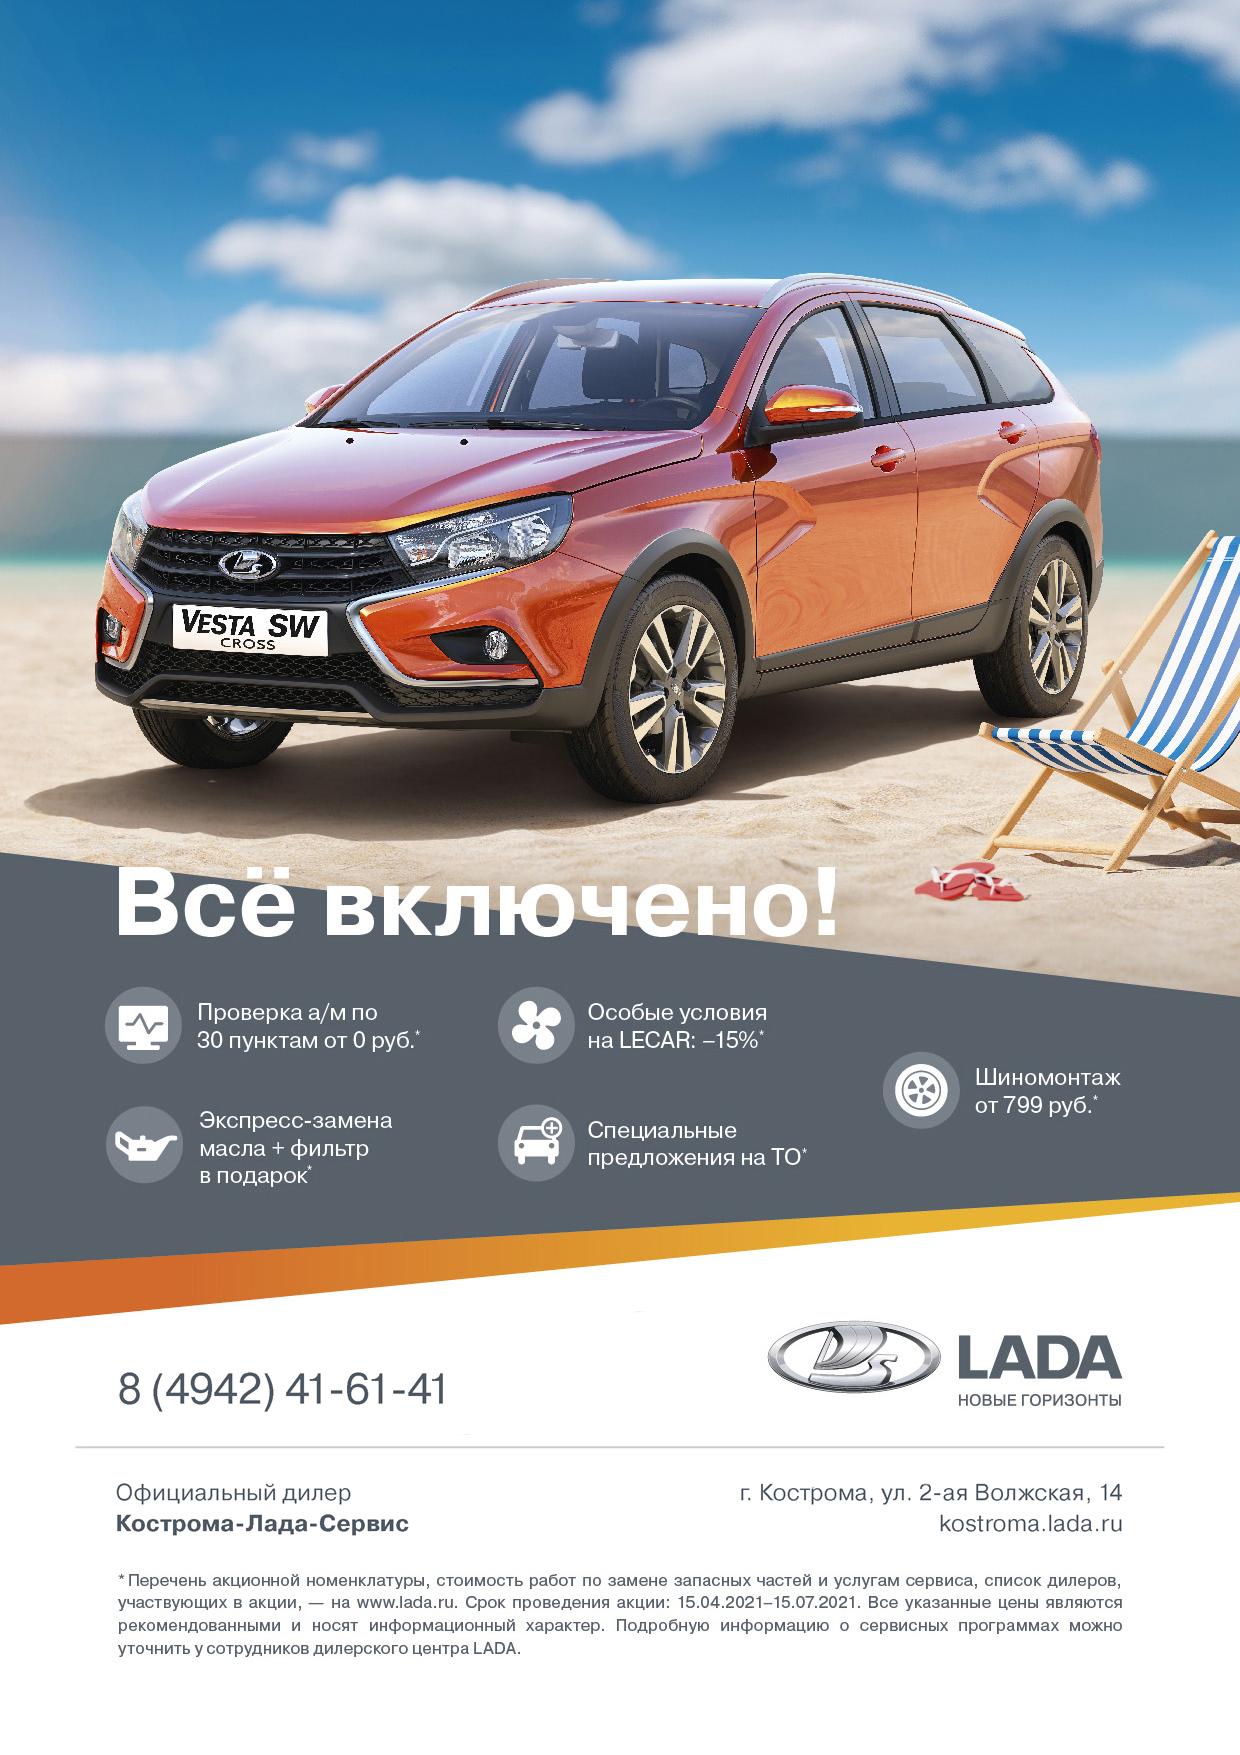 Сезонное обслуживание автомобилей LADA на выгодных условиях